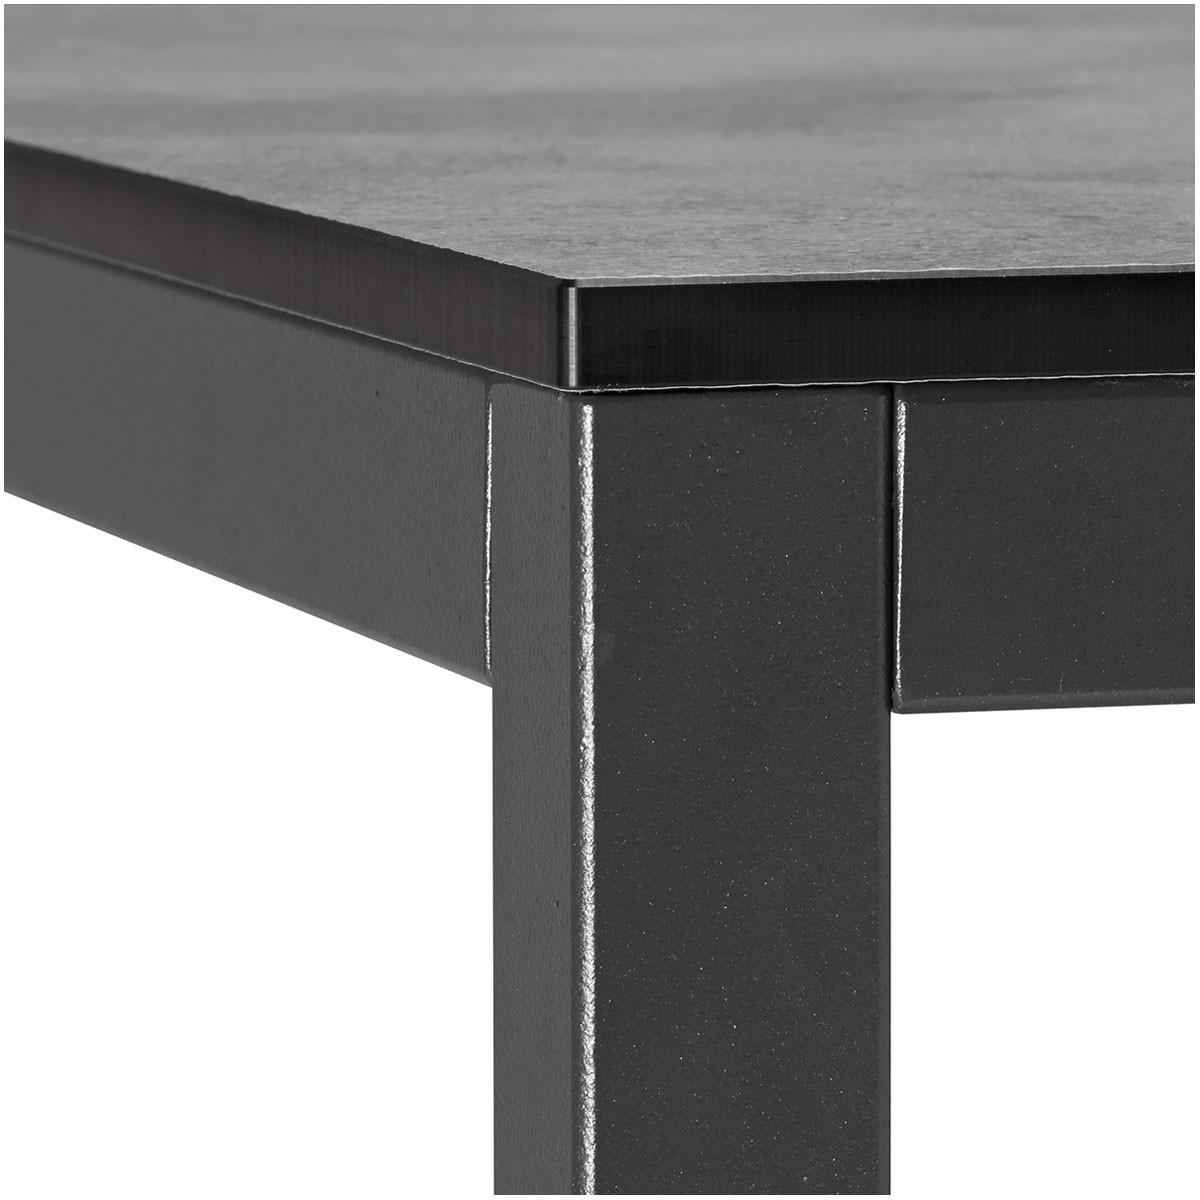 Stół do restauracji blat kompaktowy MIRTO Scab Design